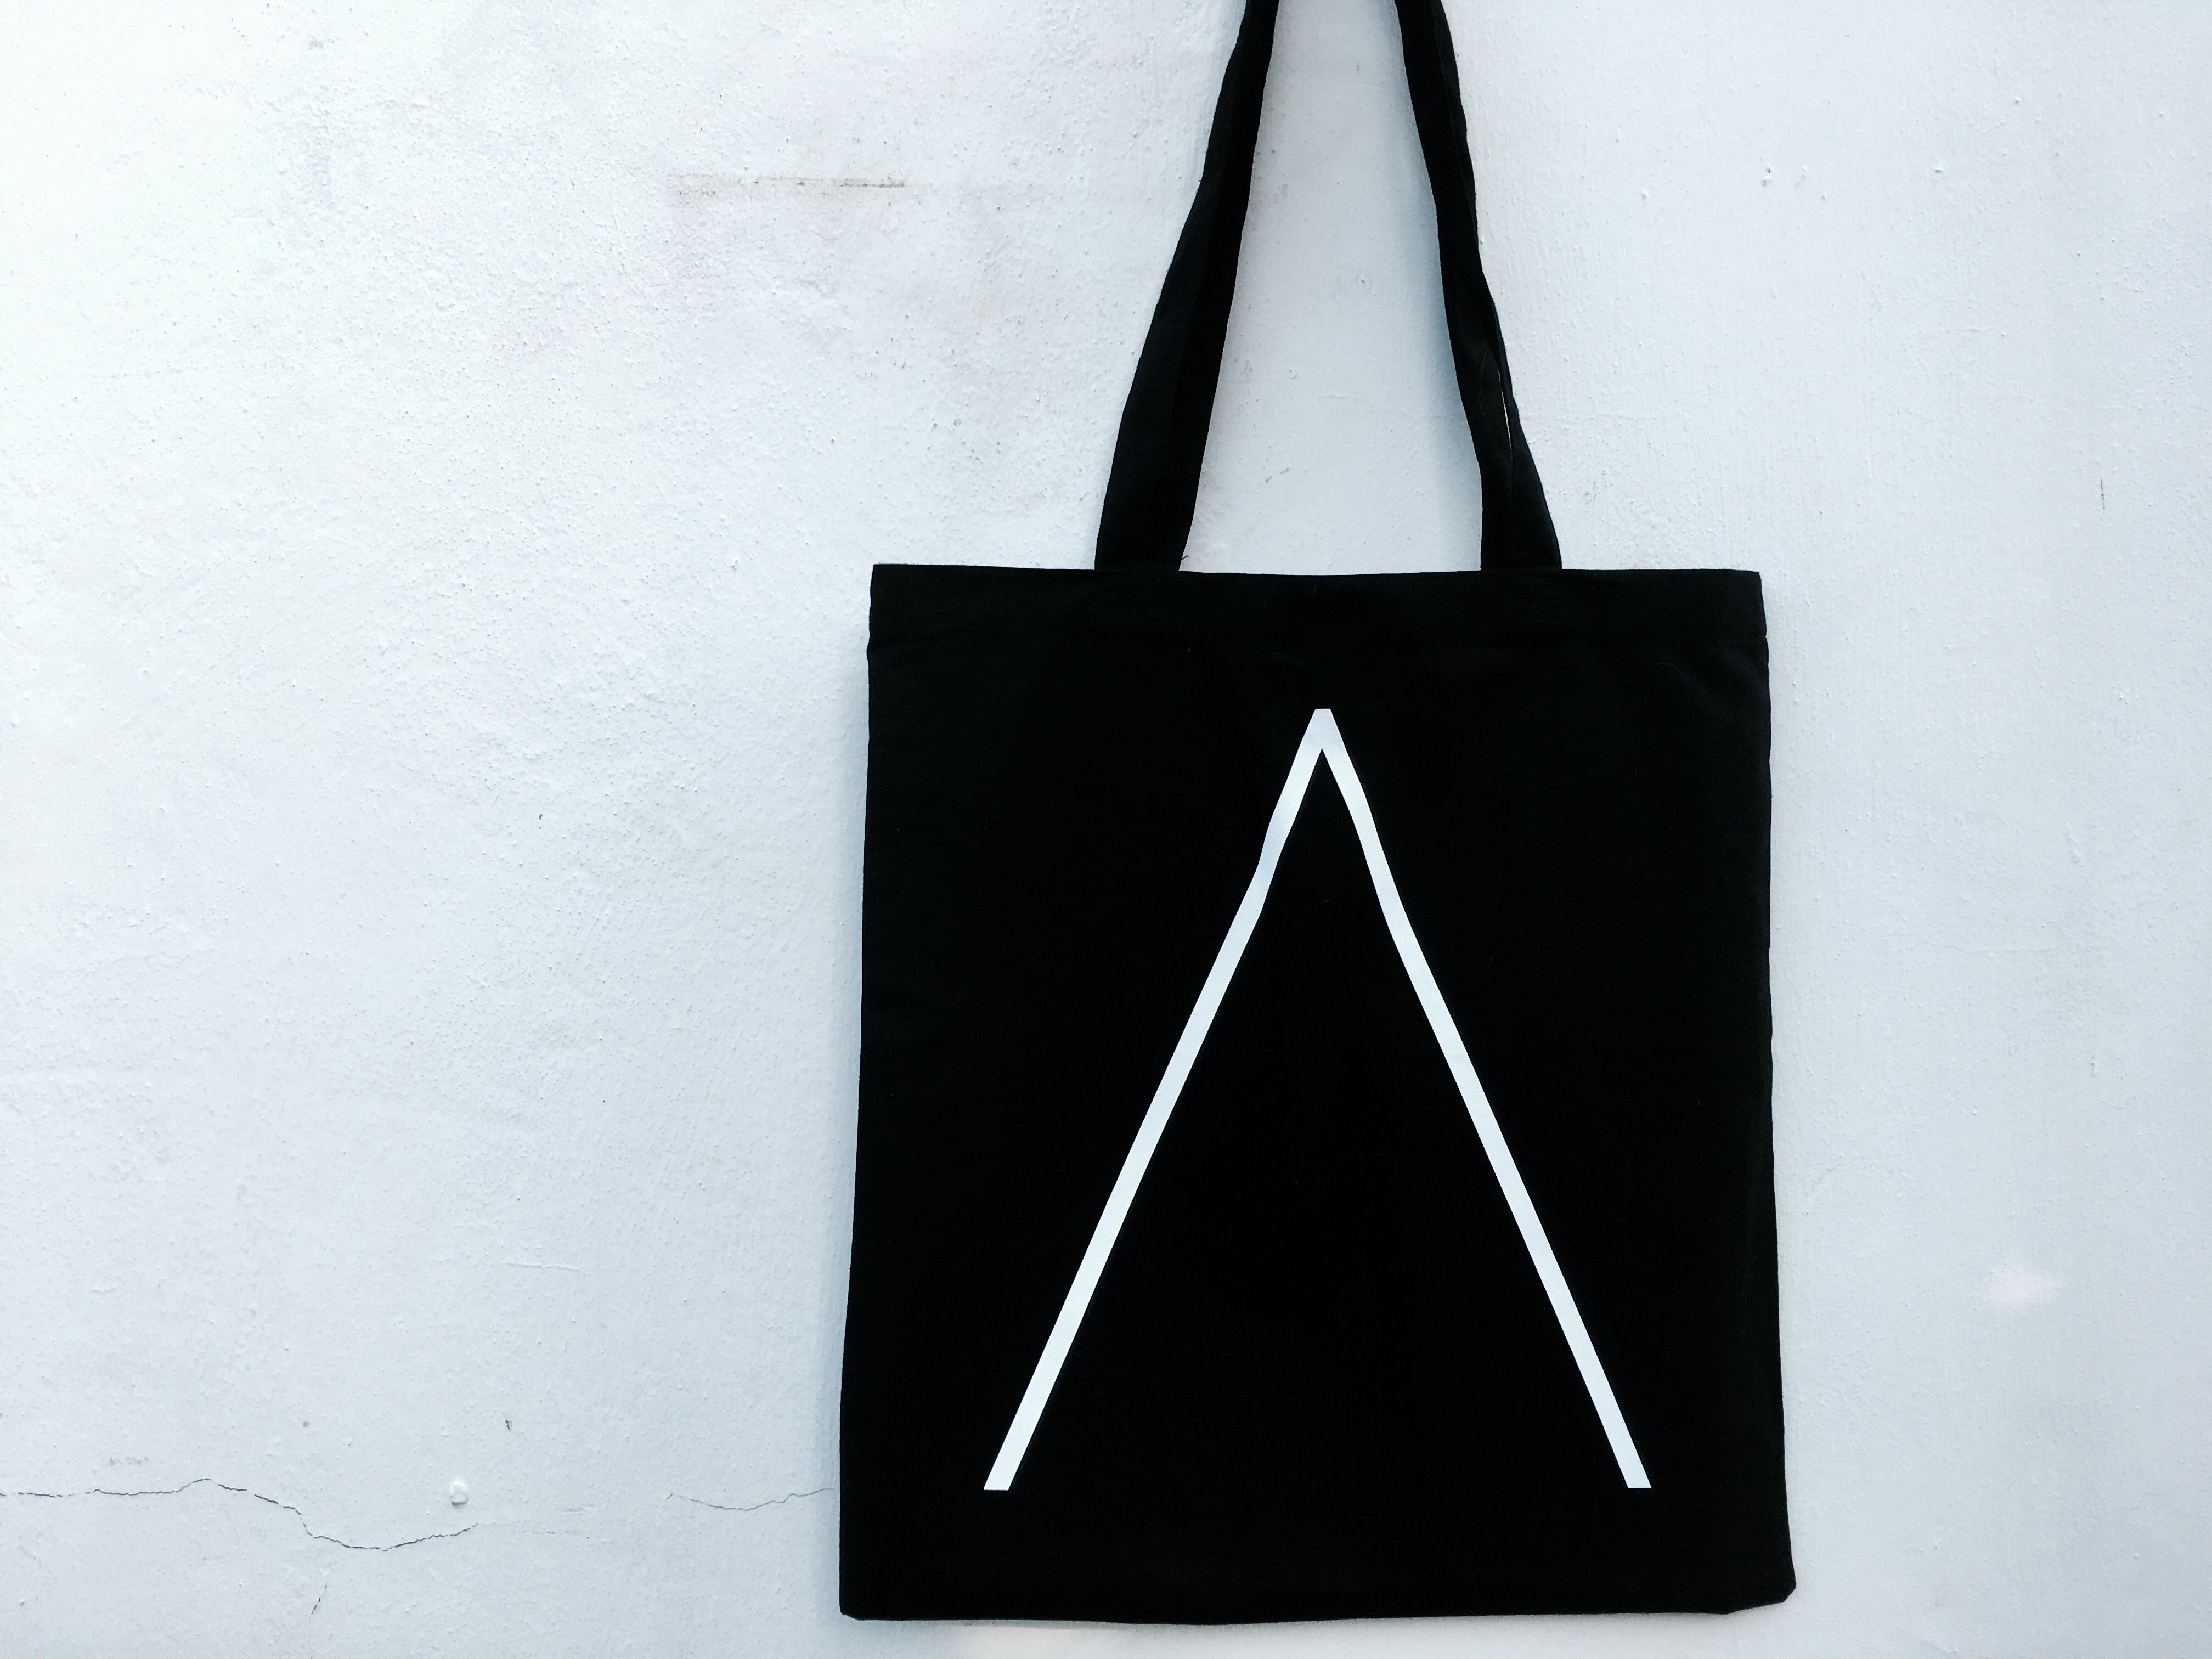 'Λ' Tote Bag [Black] - Alpines